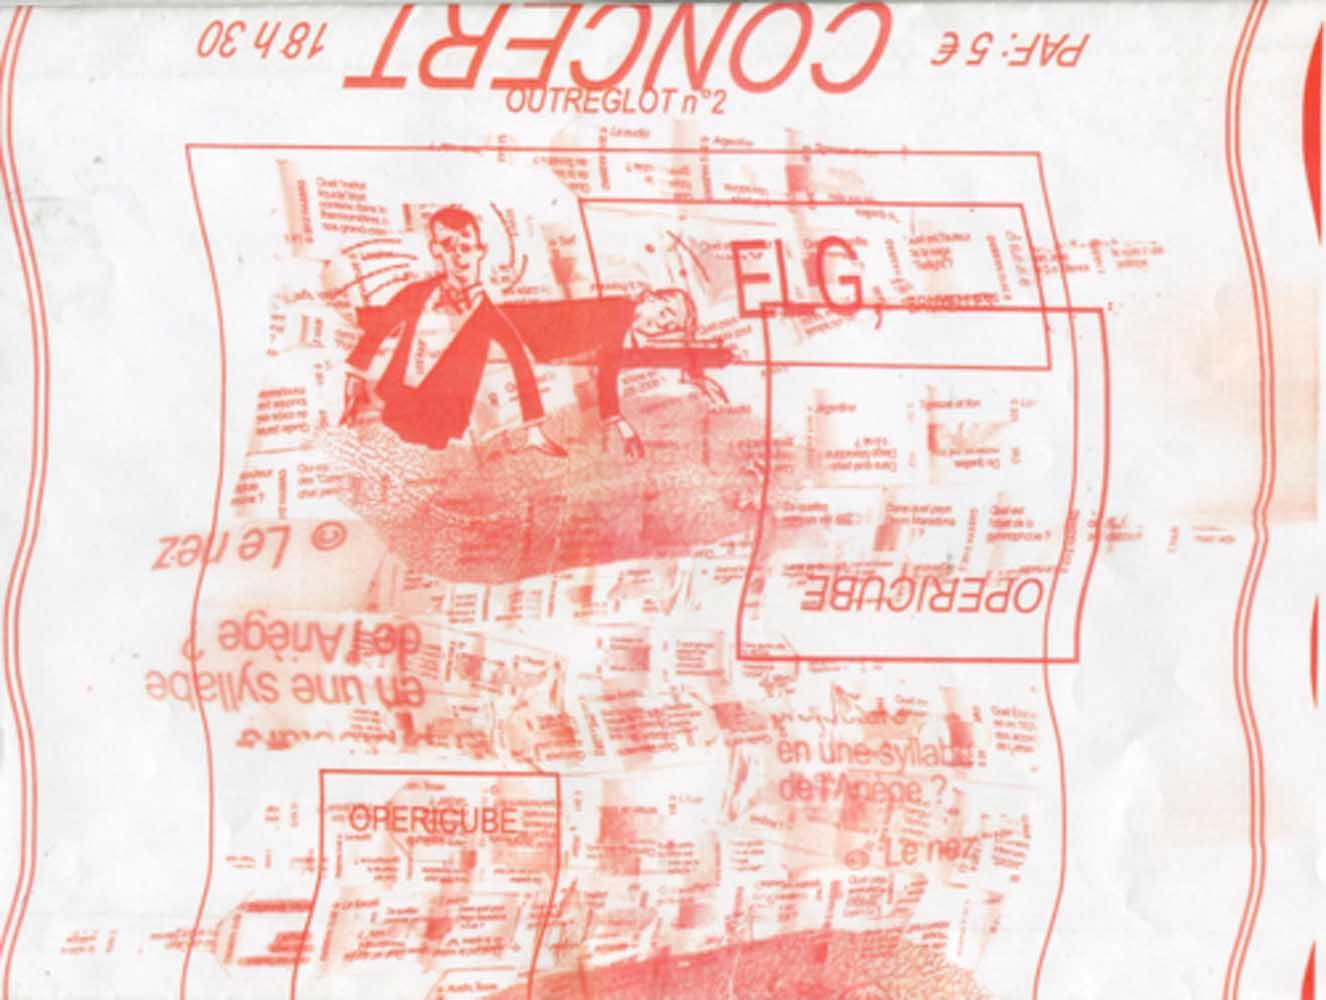 <em>Opericube</em>, 2015 <br>affiche du concert